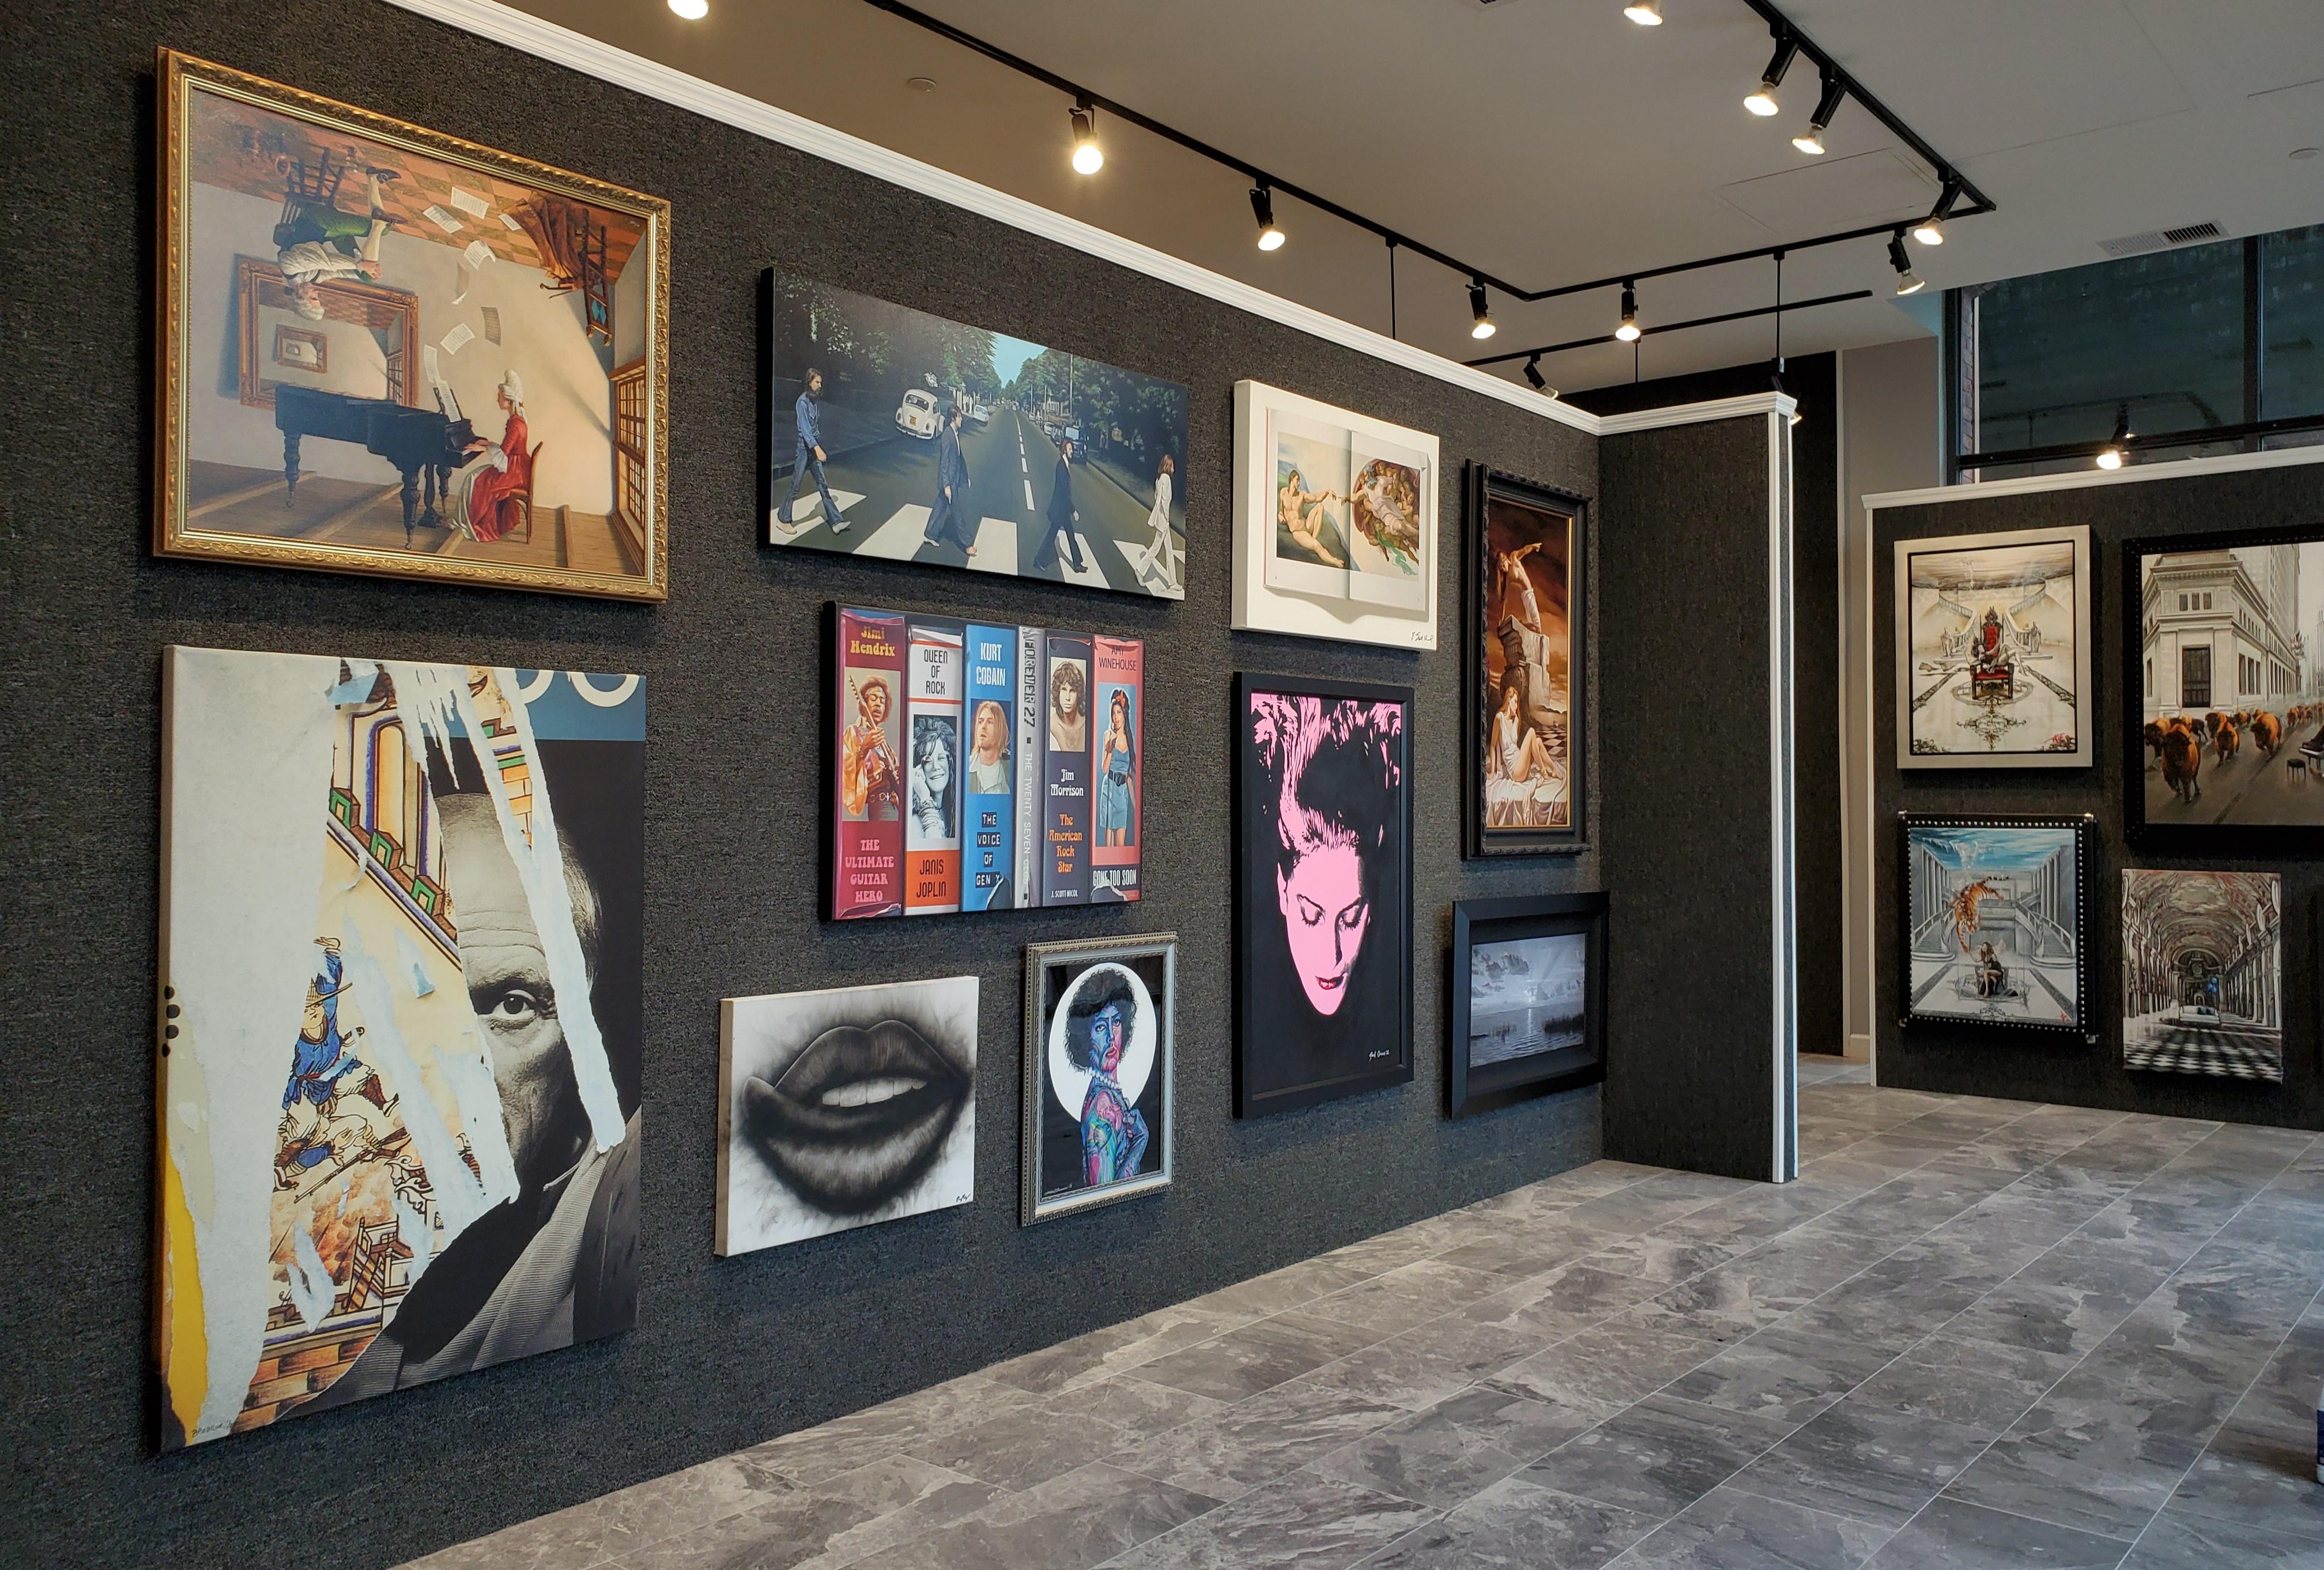 Savion Gallery